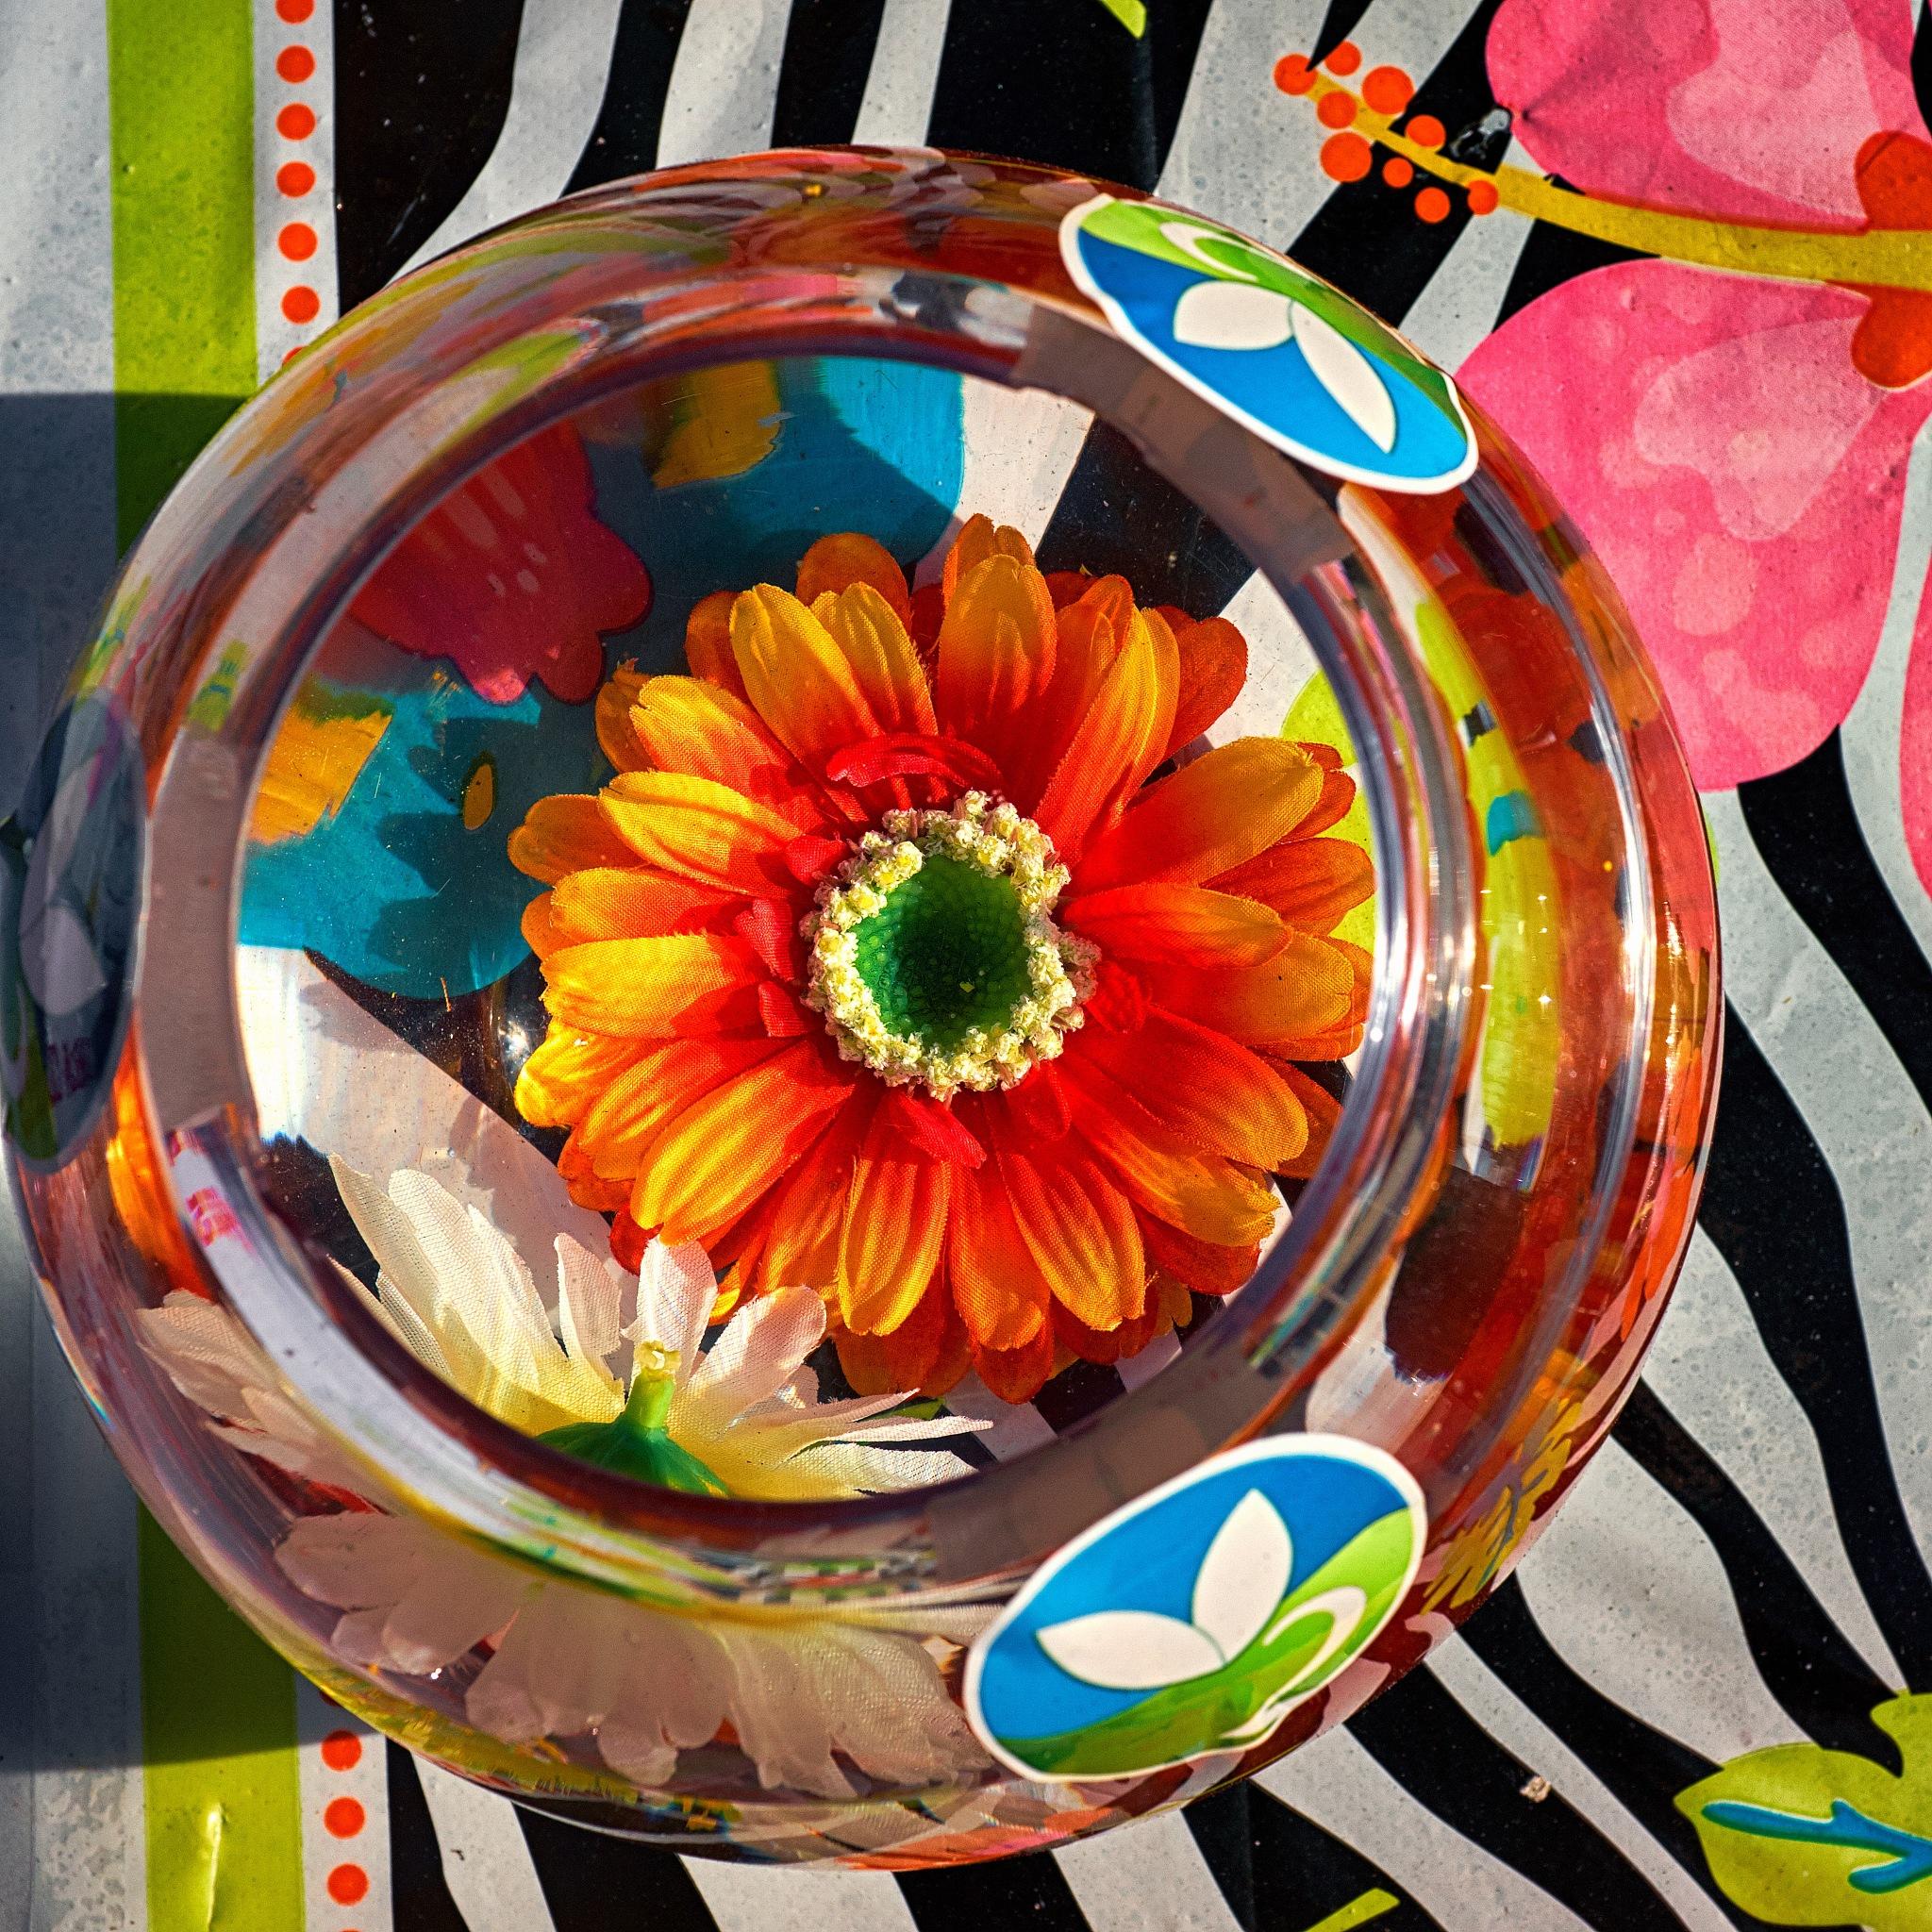 Flower in water by Greg Mullaly